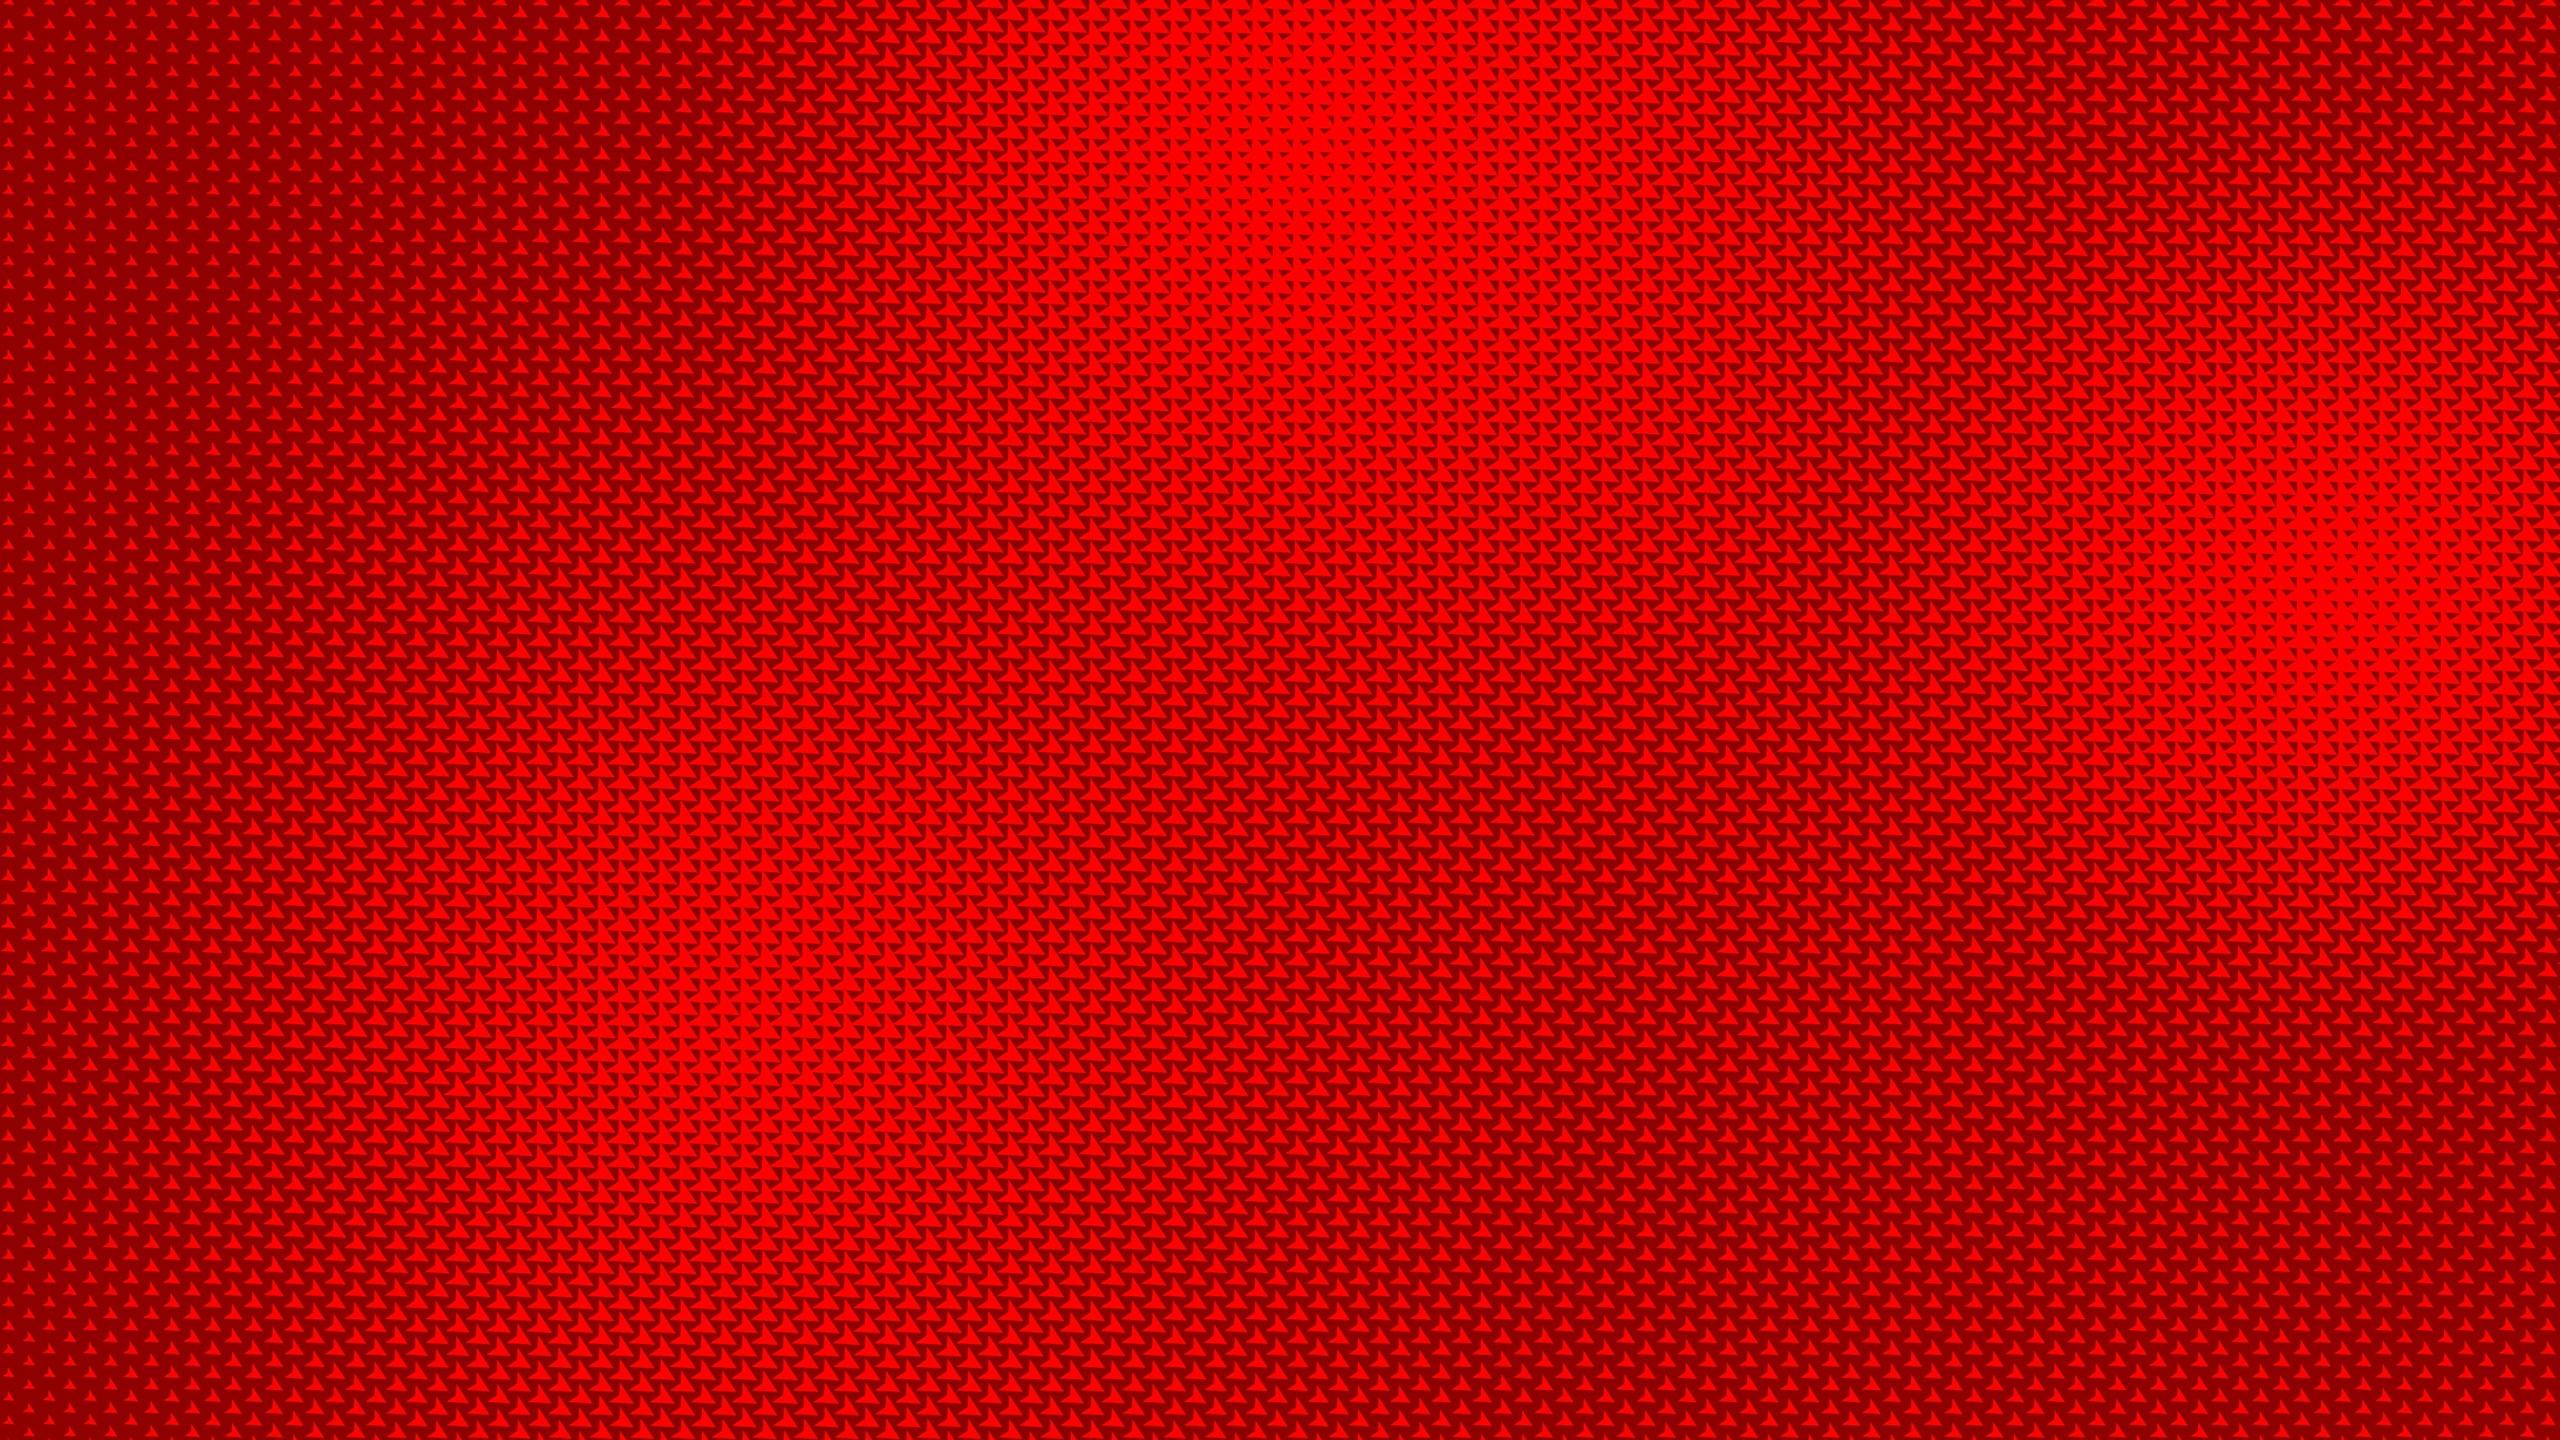 Fonds Decran 2560x1440 Texture Rouge Télécharger Photo